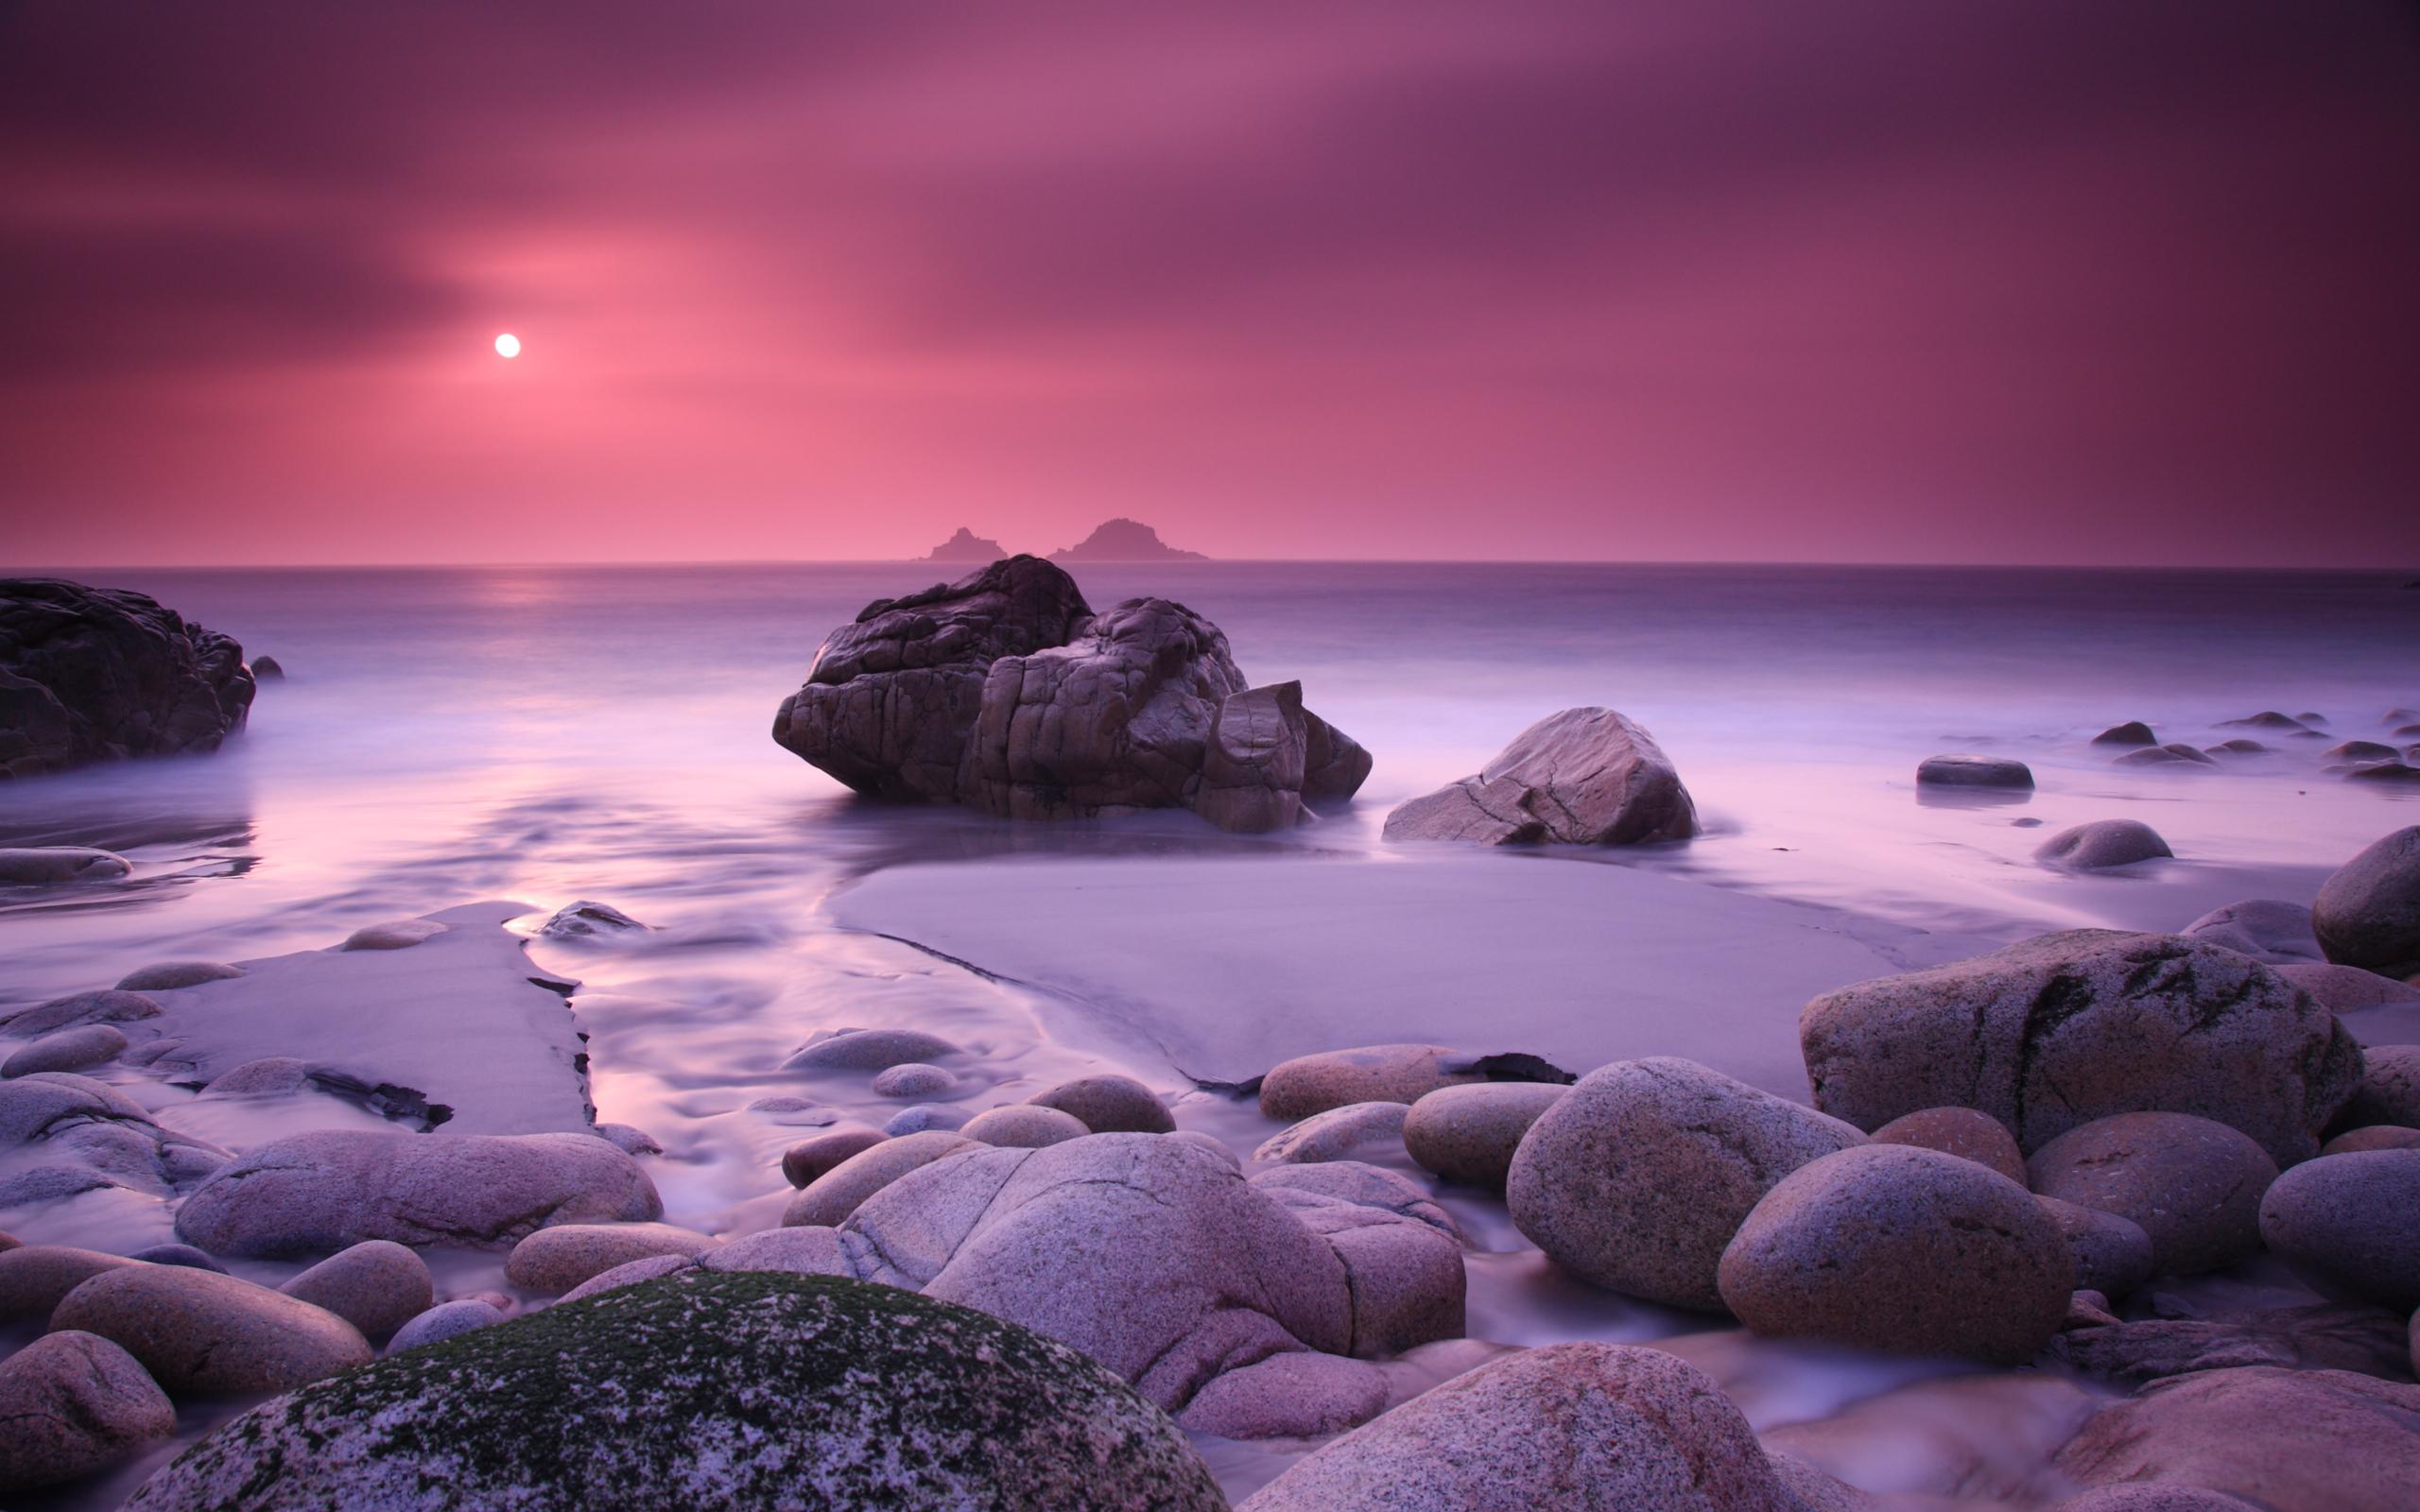 море океан камни скалы закат sea the ocean stones rock sunset  № 2530562 бесплатно